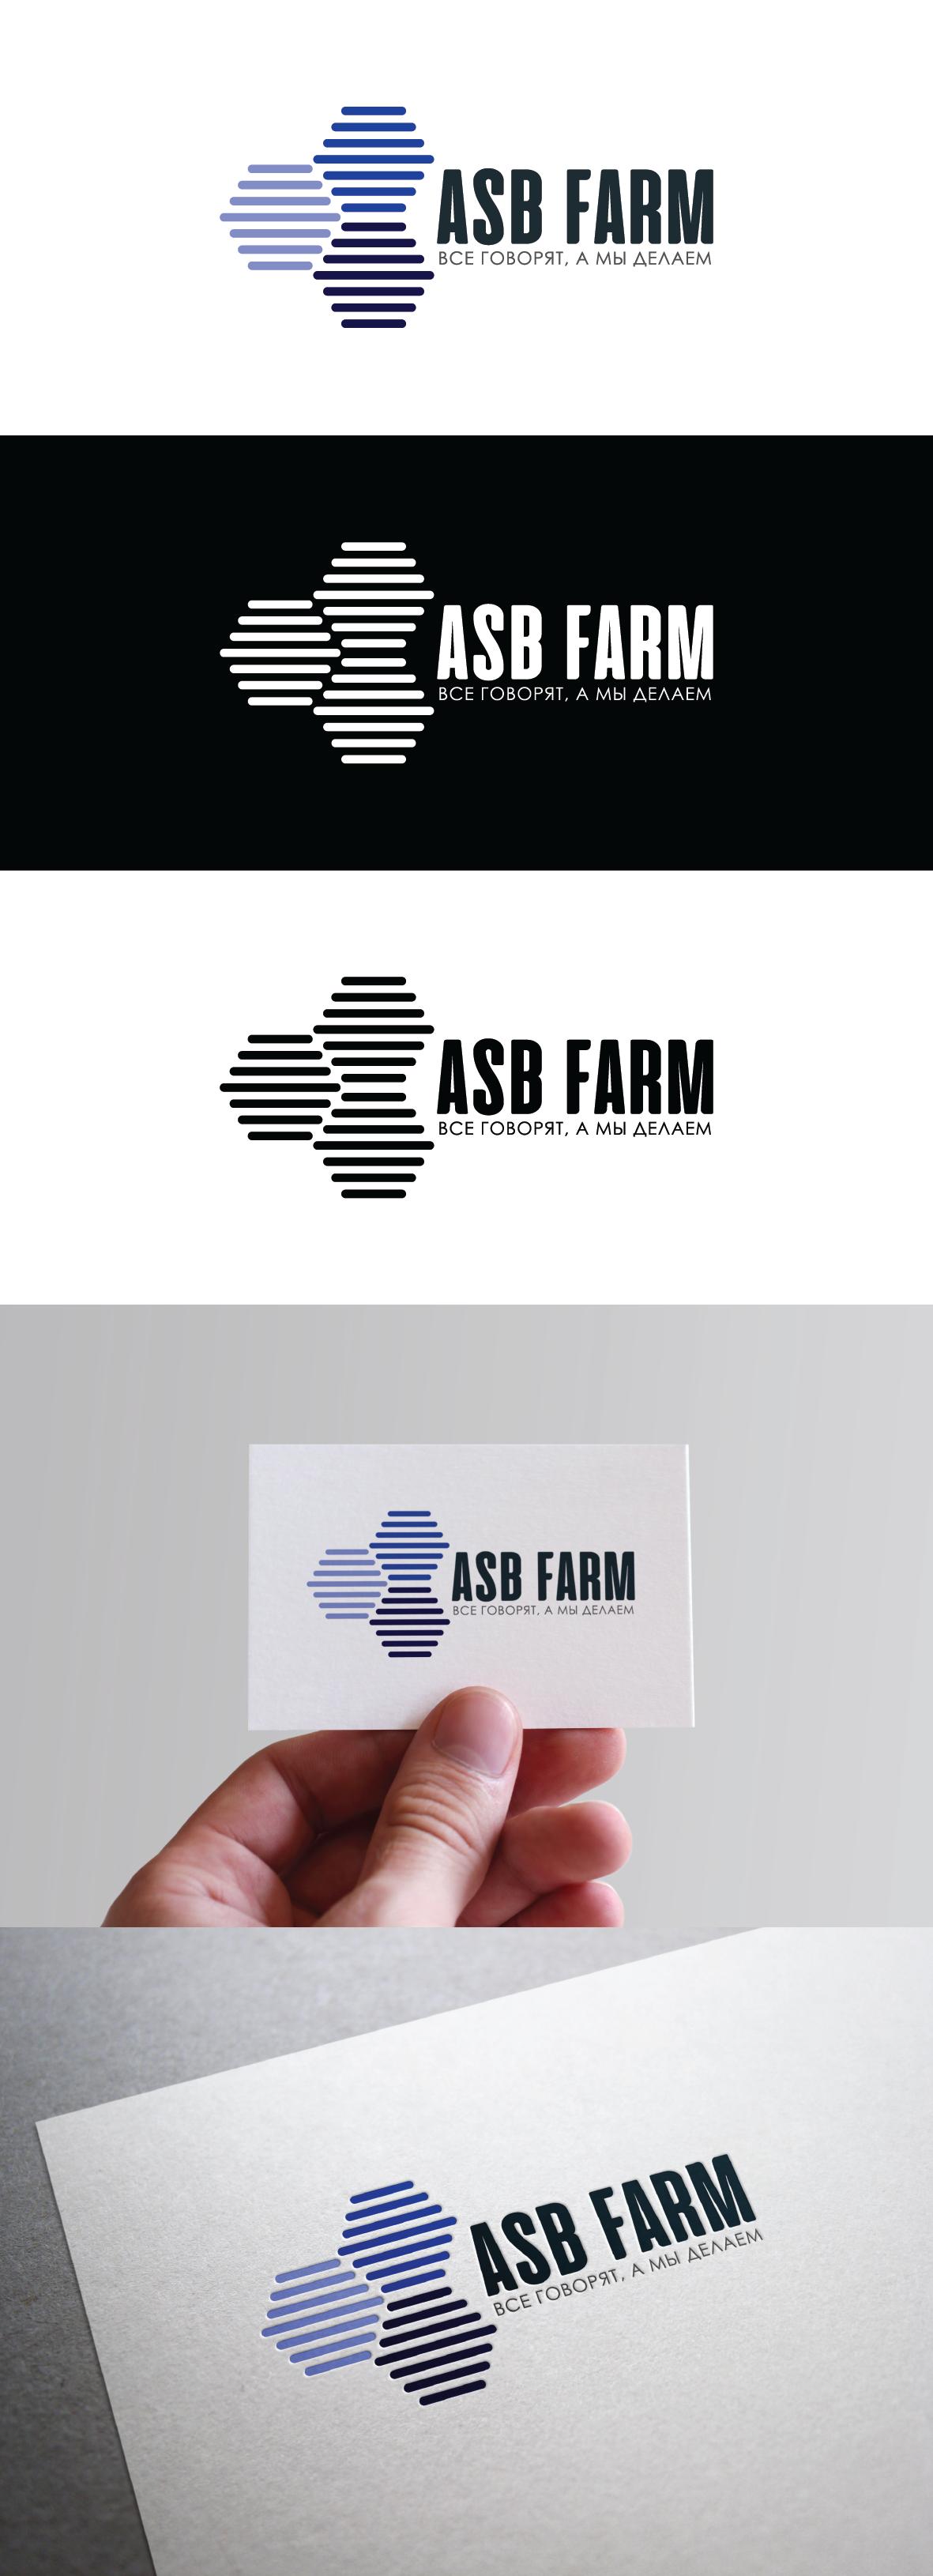 Разработка 3-4 видов логотипа фото f_3435a5cc0478caa5.png